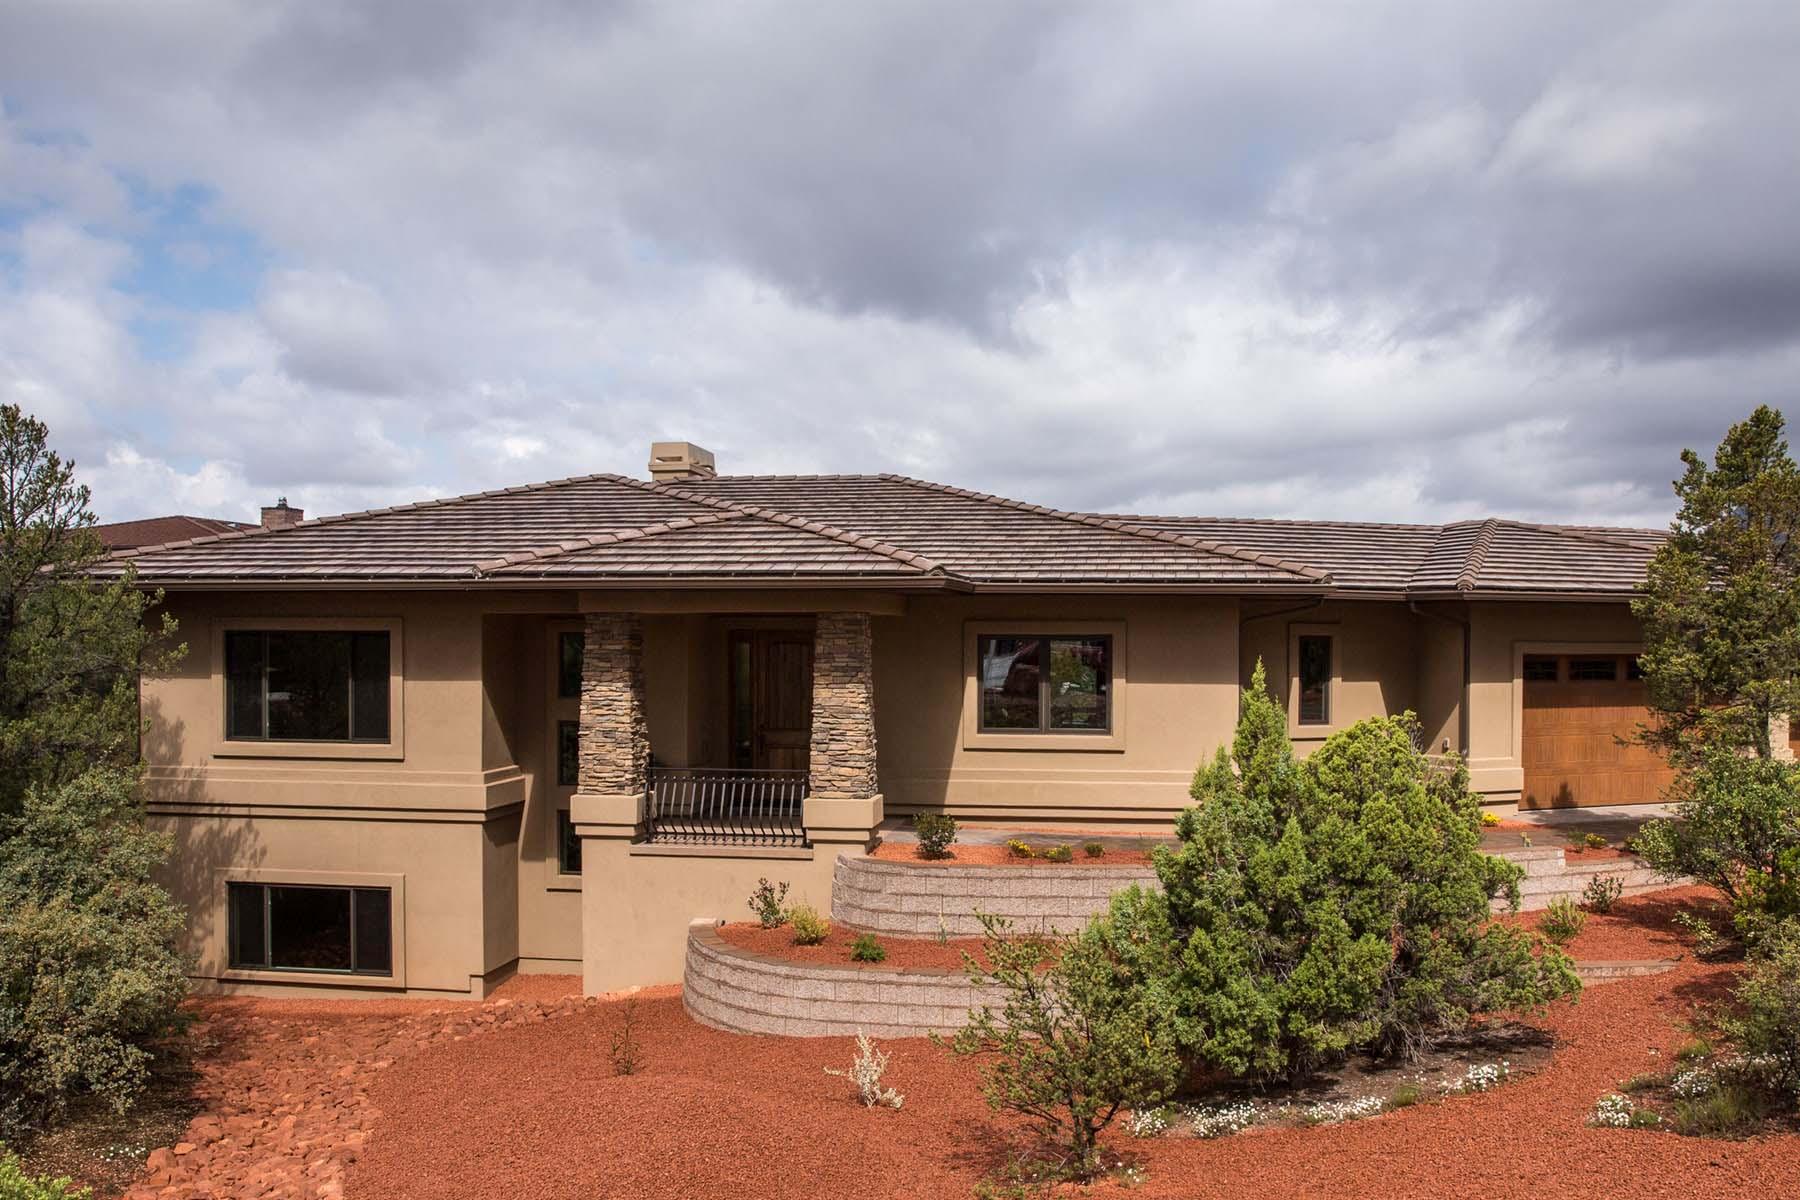 Maison unifamiliale pour l Vente à Graced by majestic views of red rock formations. 150 Rimstone Circle Sedona, Arizona 86336 États-Unis